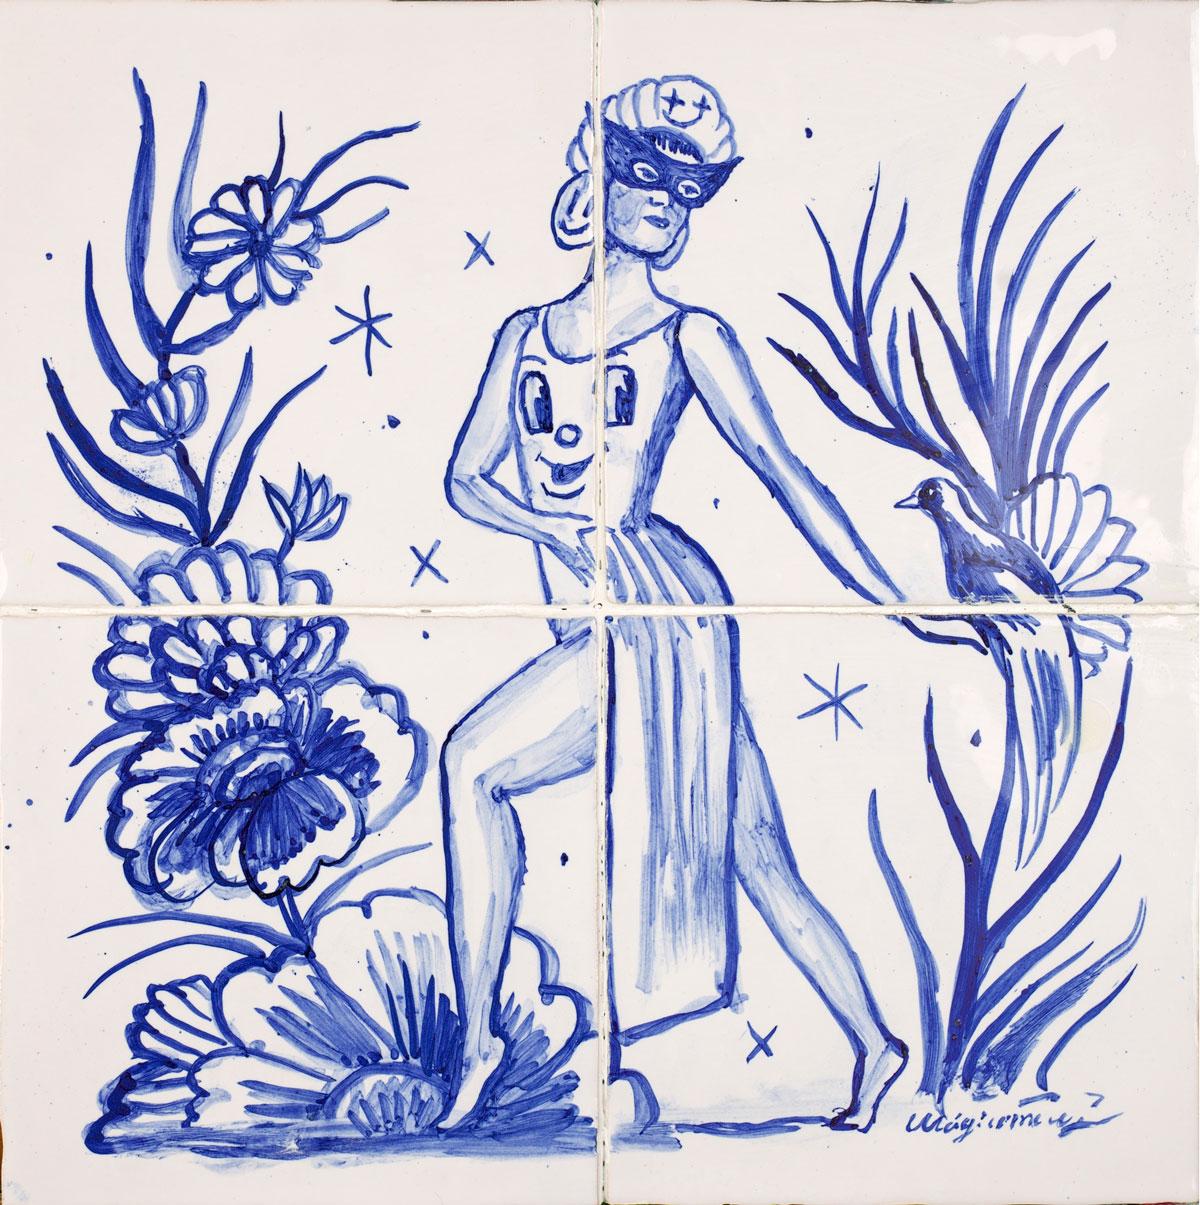 Sergio Mora, Dancing in the paradise, 2020, smalto su azulejos, 30x30 cm